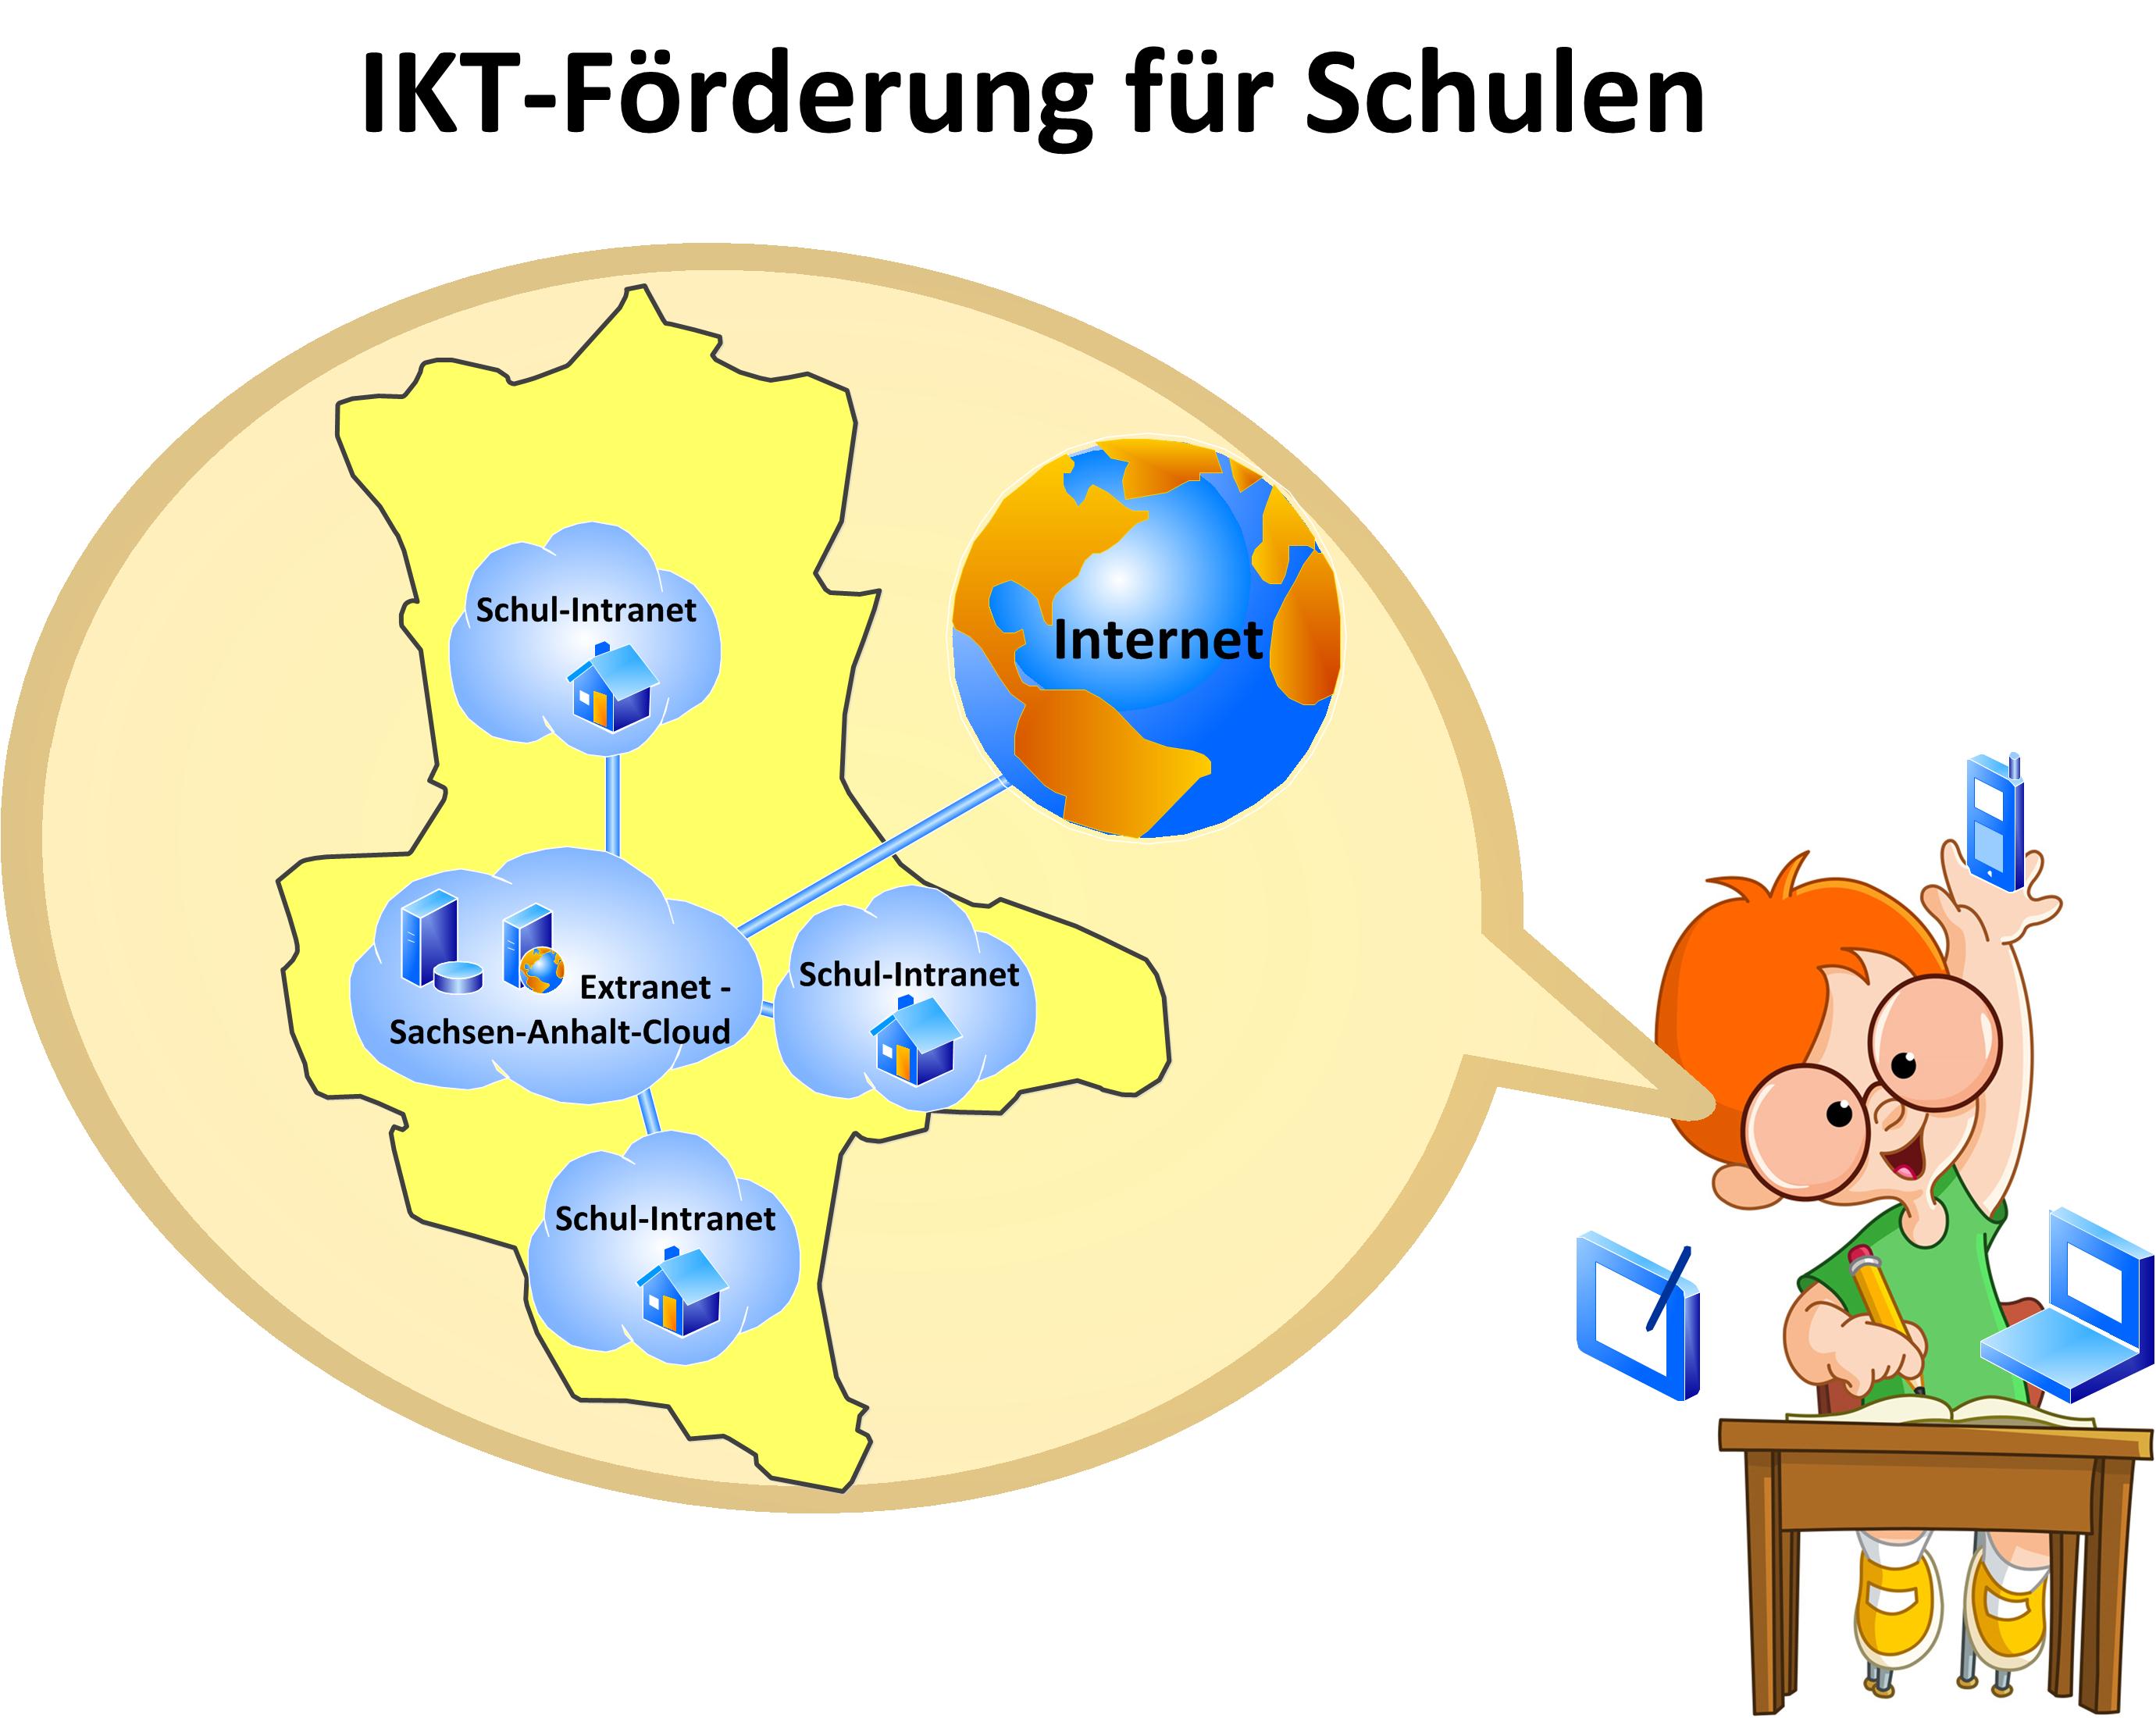 IKT-Förderung für Schulen